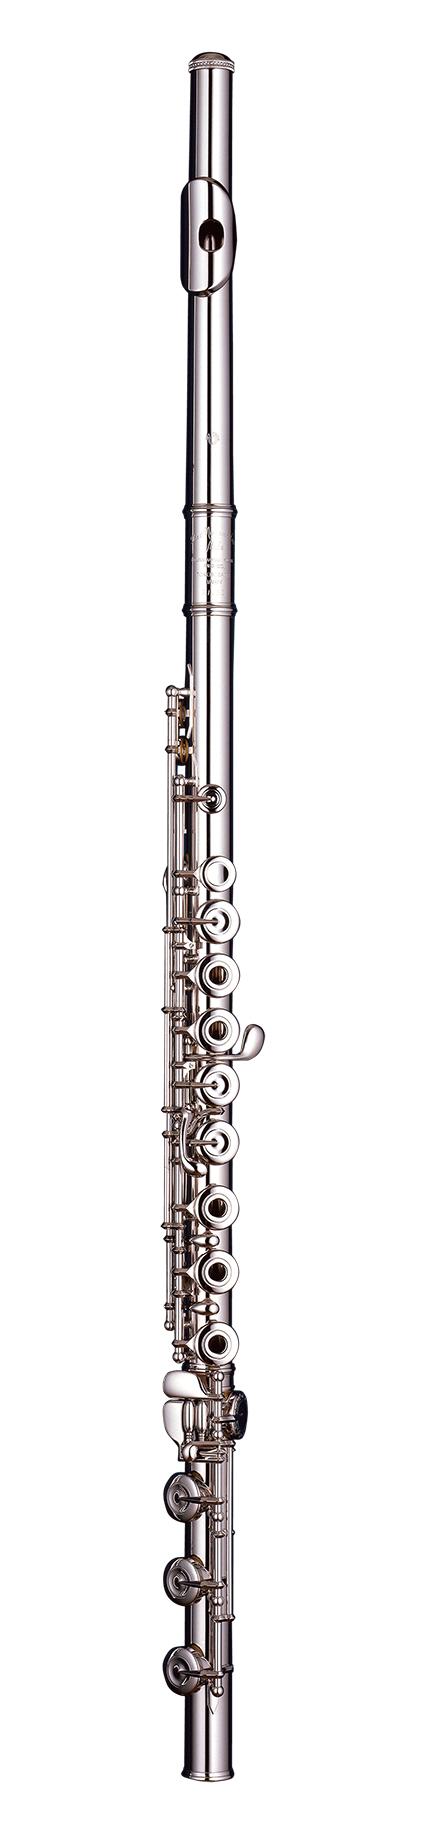 Muramatsu - SR - RBEIH - Holzblasinstrumente - Flöten mit E-Mechanik | MUSIK BERTRAM Deutschland Freiburg